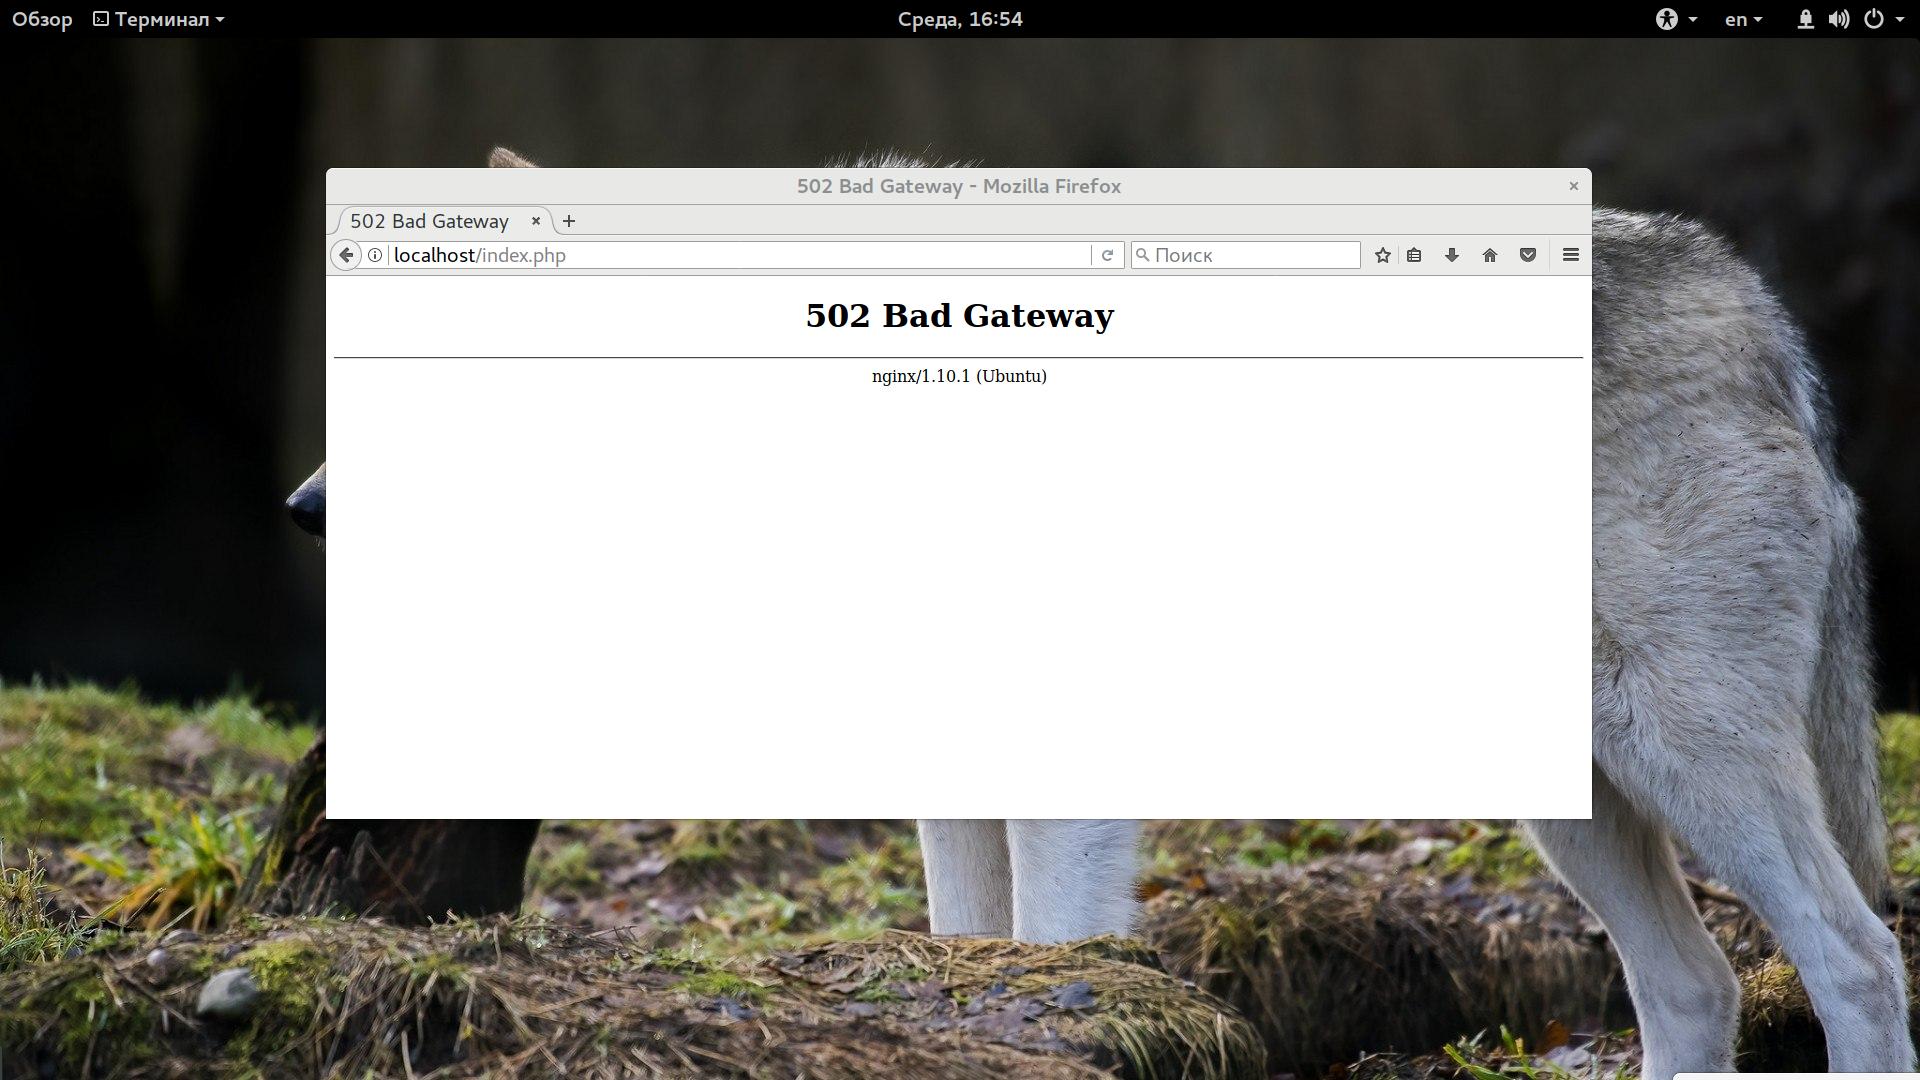 Ошибка 502 bad gateway в браузере – что это значит, как устранить